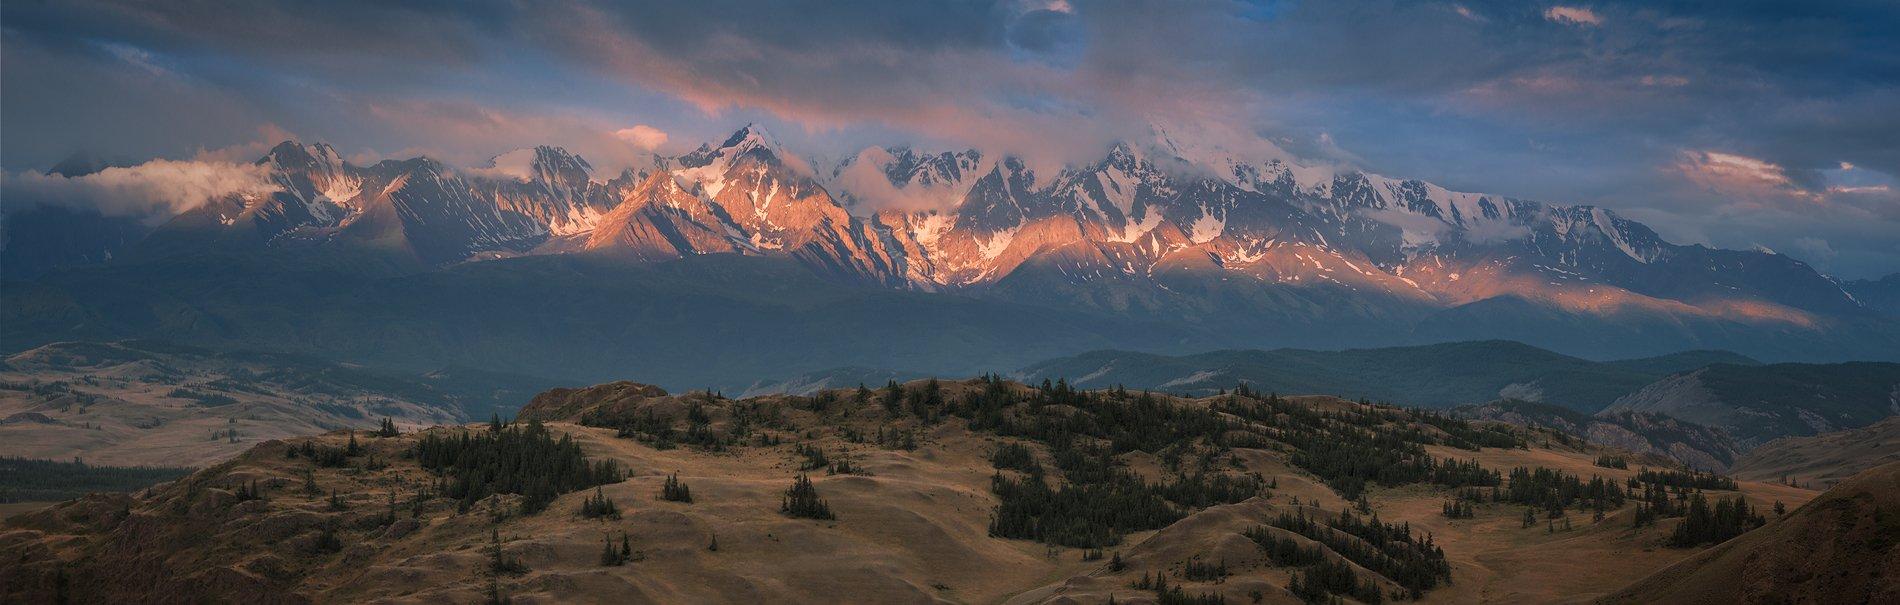 пейзаж, природа, горы, алтай, сибирь, россия, путешествия, туризм, красный, утро, раннее, хребет, большой, высокий, панорама, лето, рассвет, восход, степь, долина, холмы, лес, дерево, Дмитрий Антипов